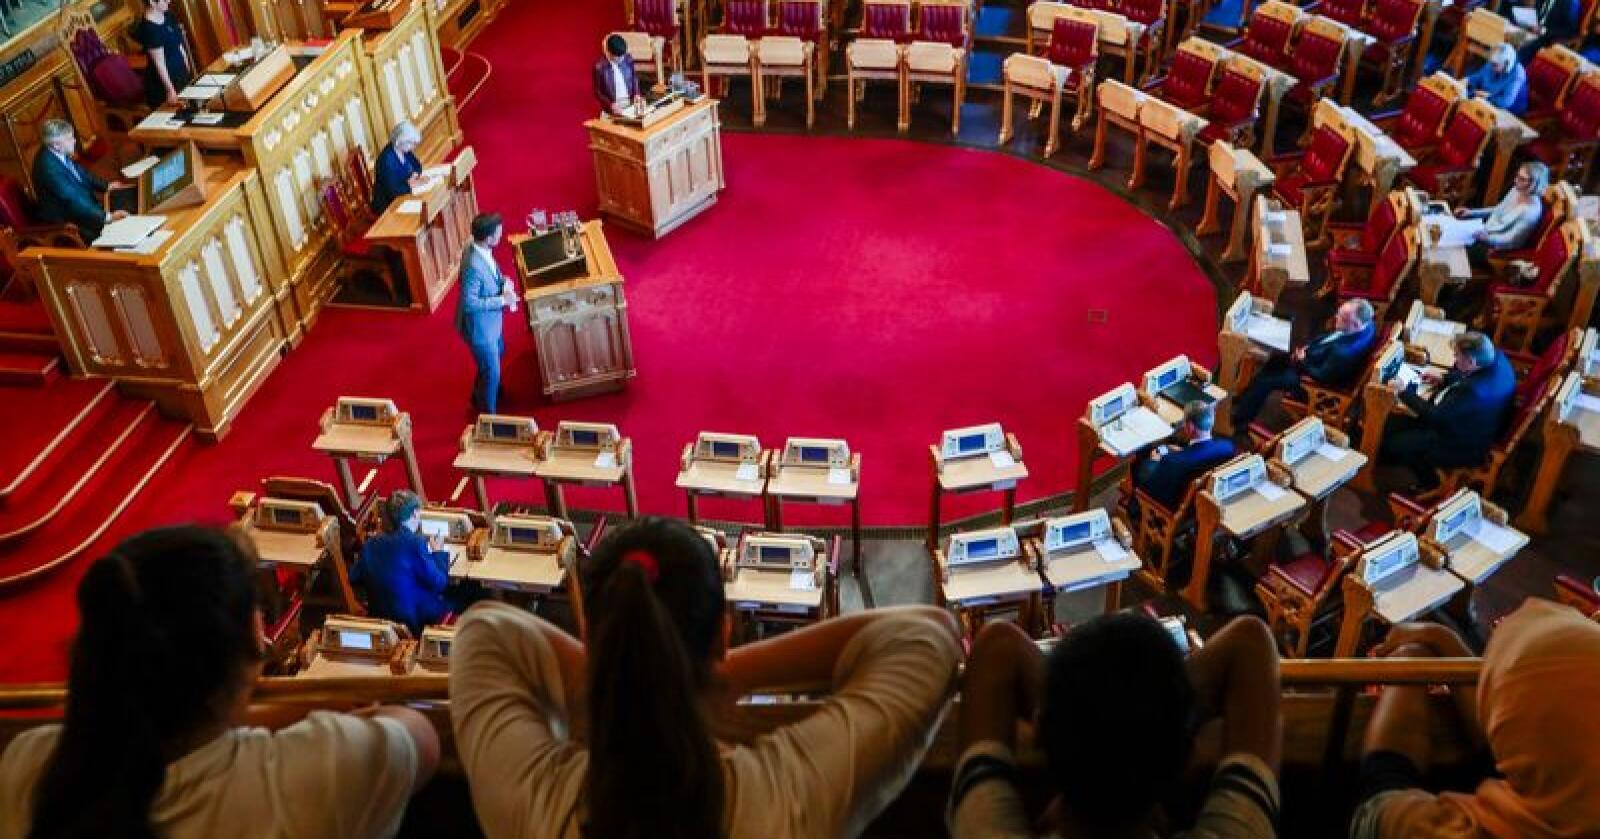 Tidligere har økt antall plasser i stortingssalen bøtet på skjevfordelinger mellom fylkene. Nå kan det bli snakk om at noen fylker mister mandater. Foto: Lise Åserud / NTB scanpix